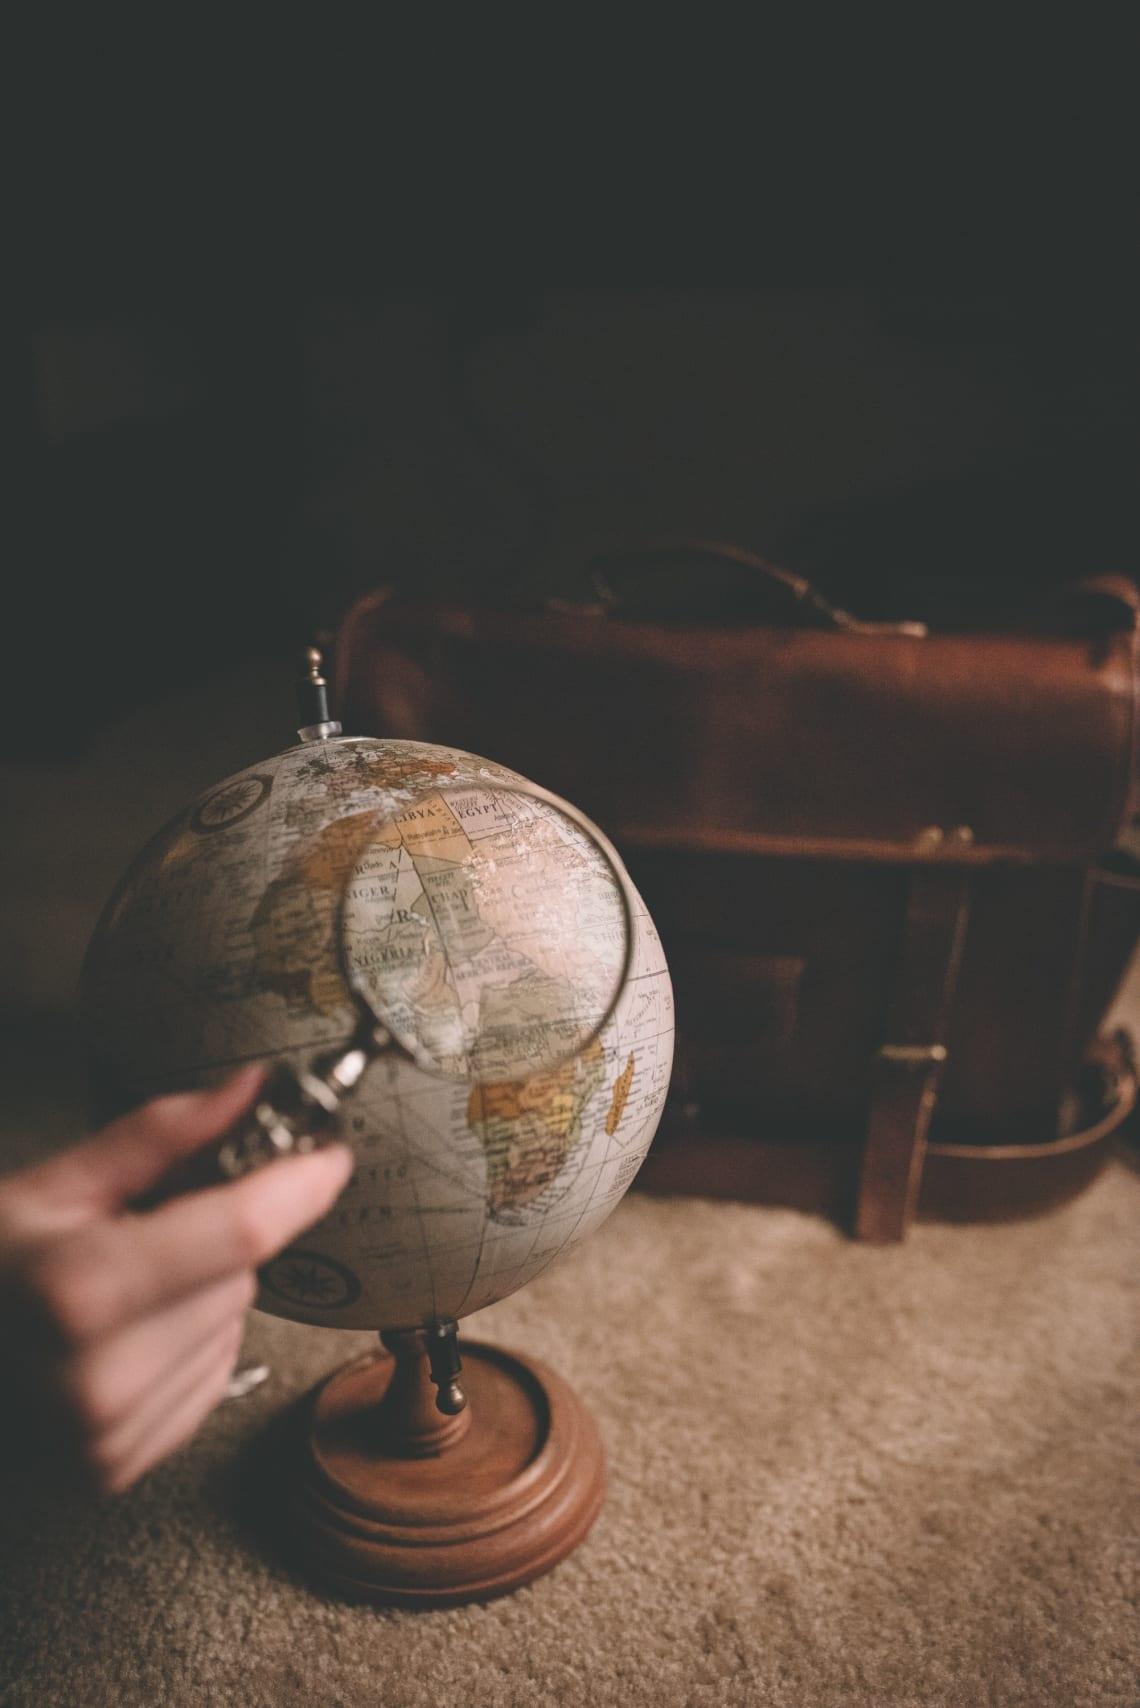 Planning a modern work sabbatical